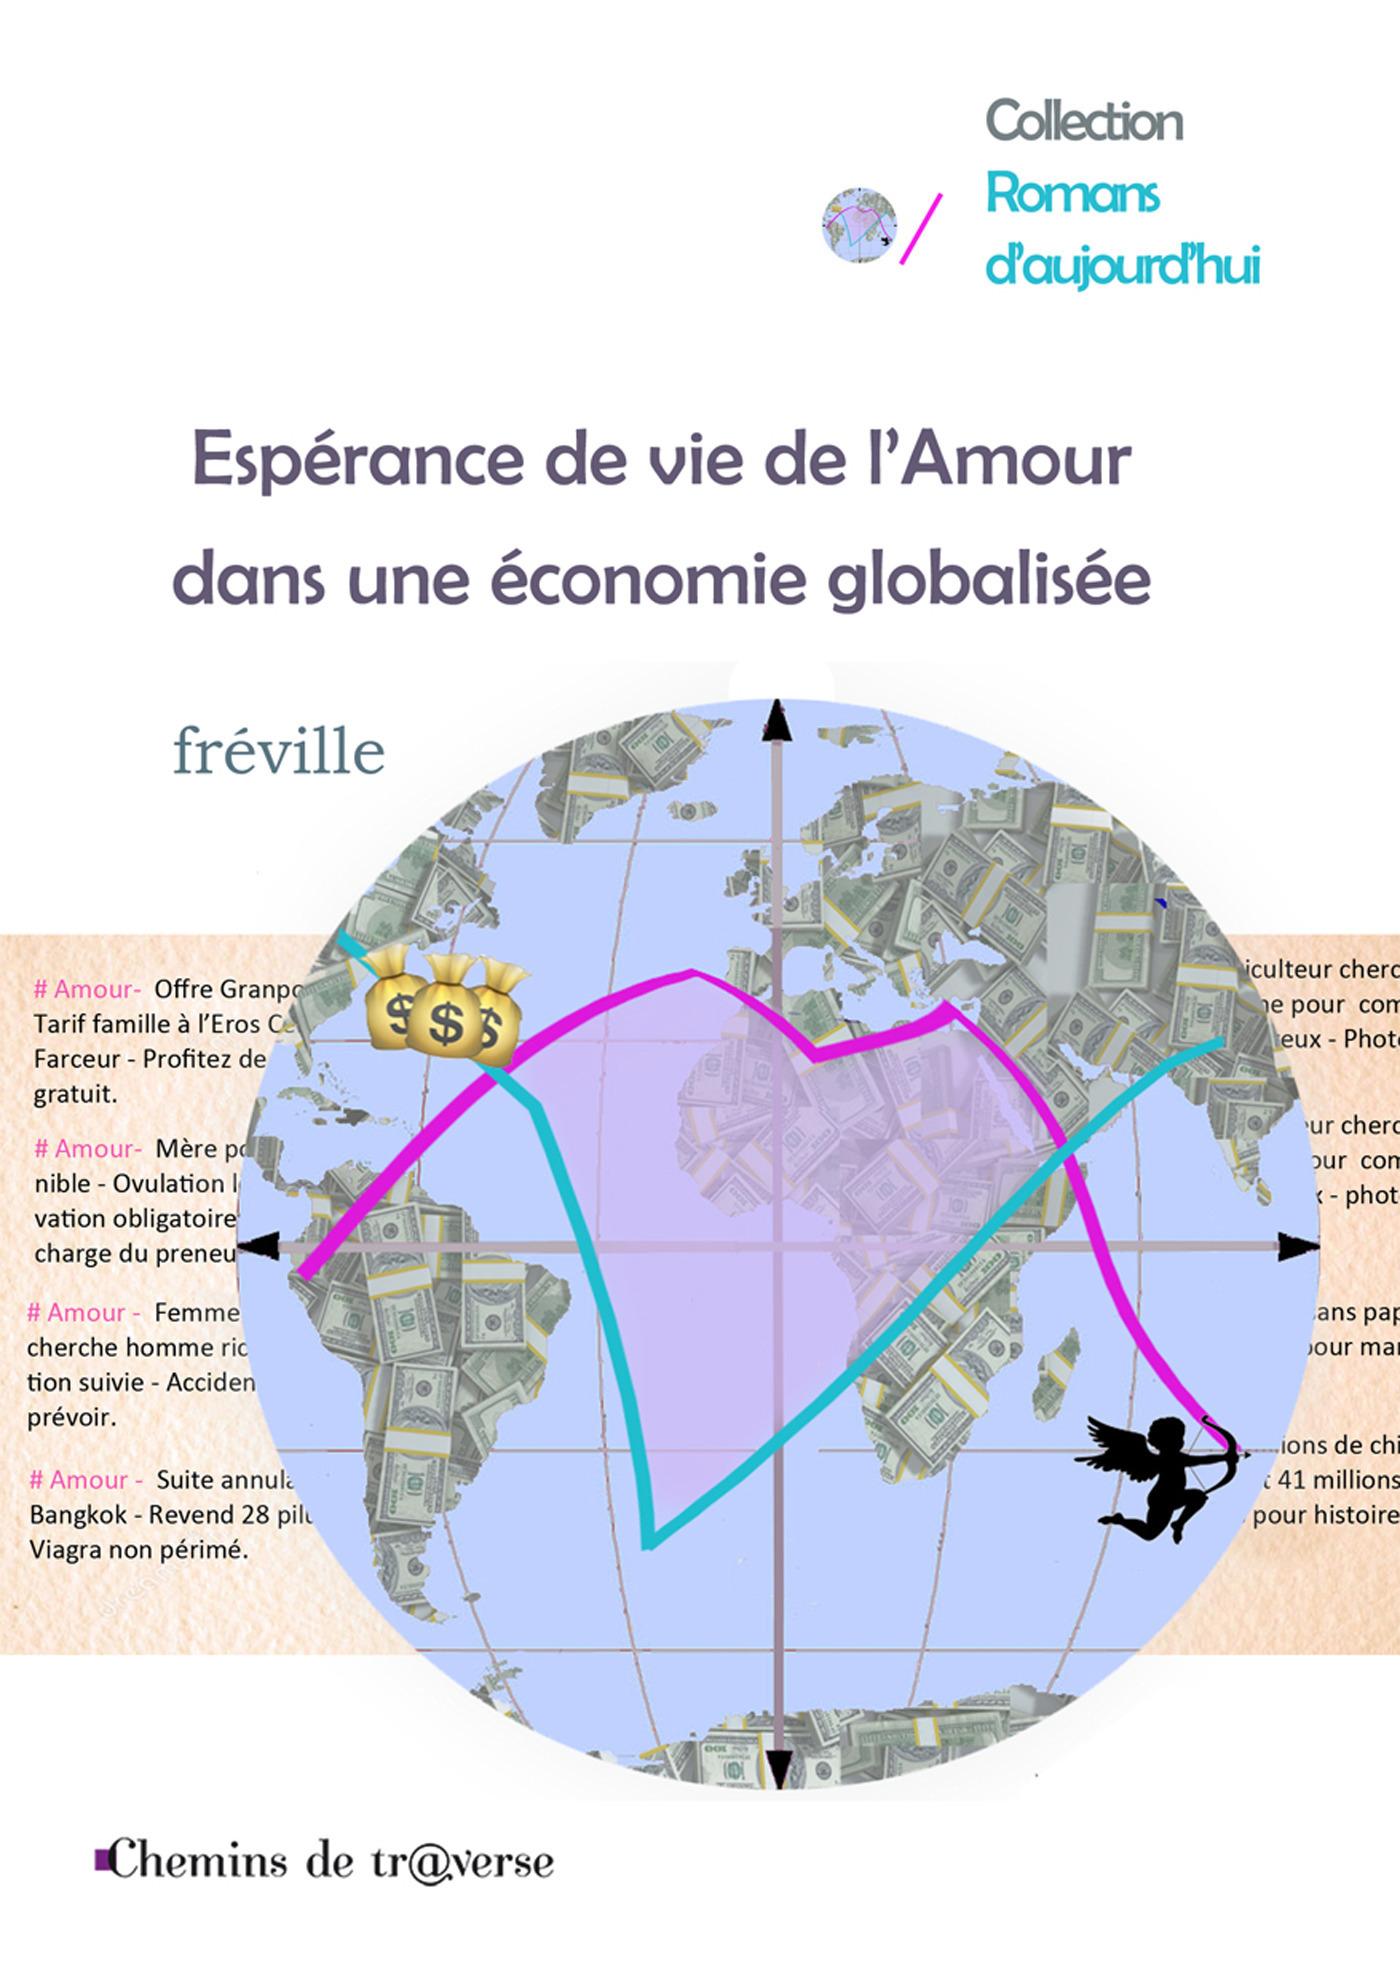 Esperance de vie de l'amour dans une economie globalisee